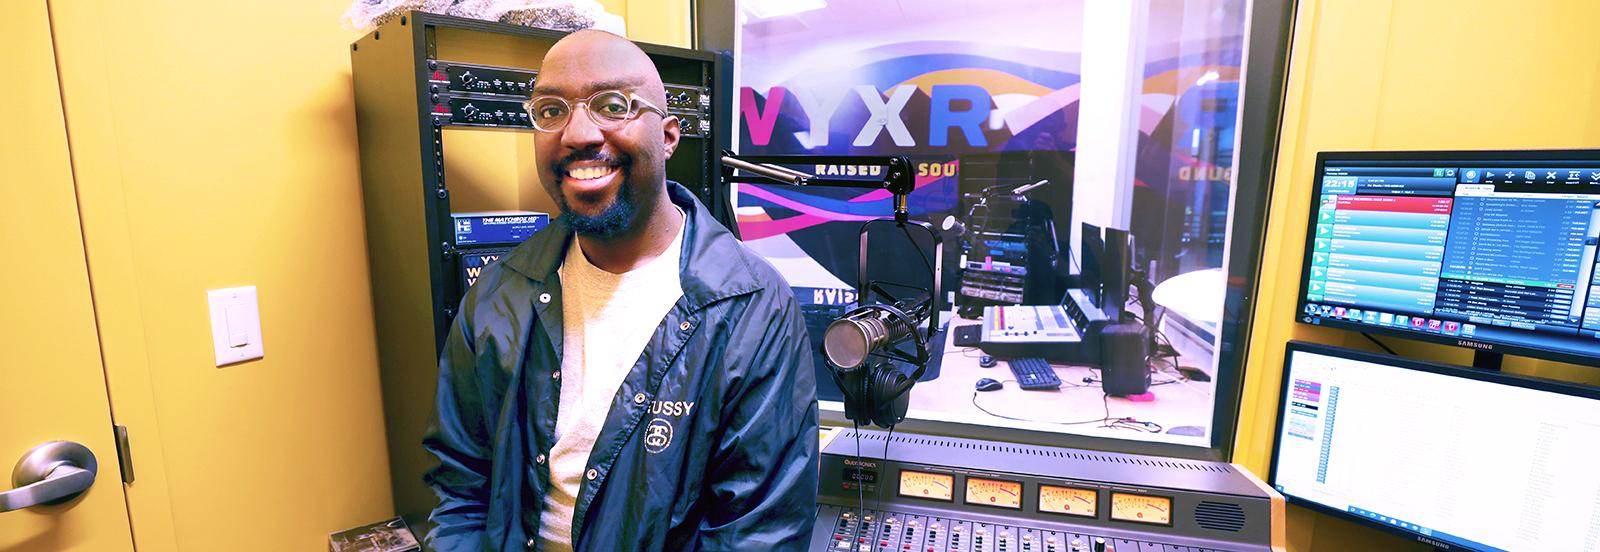 radio dj in the new WYXR studios